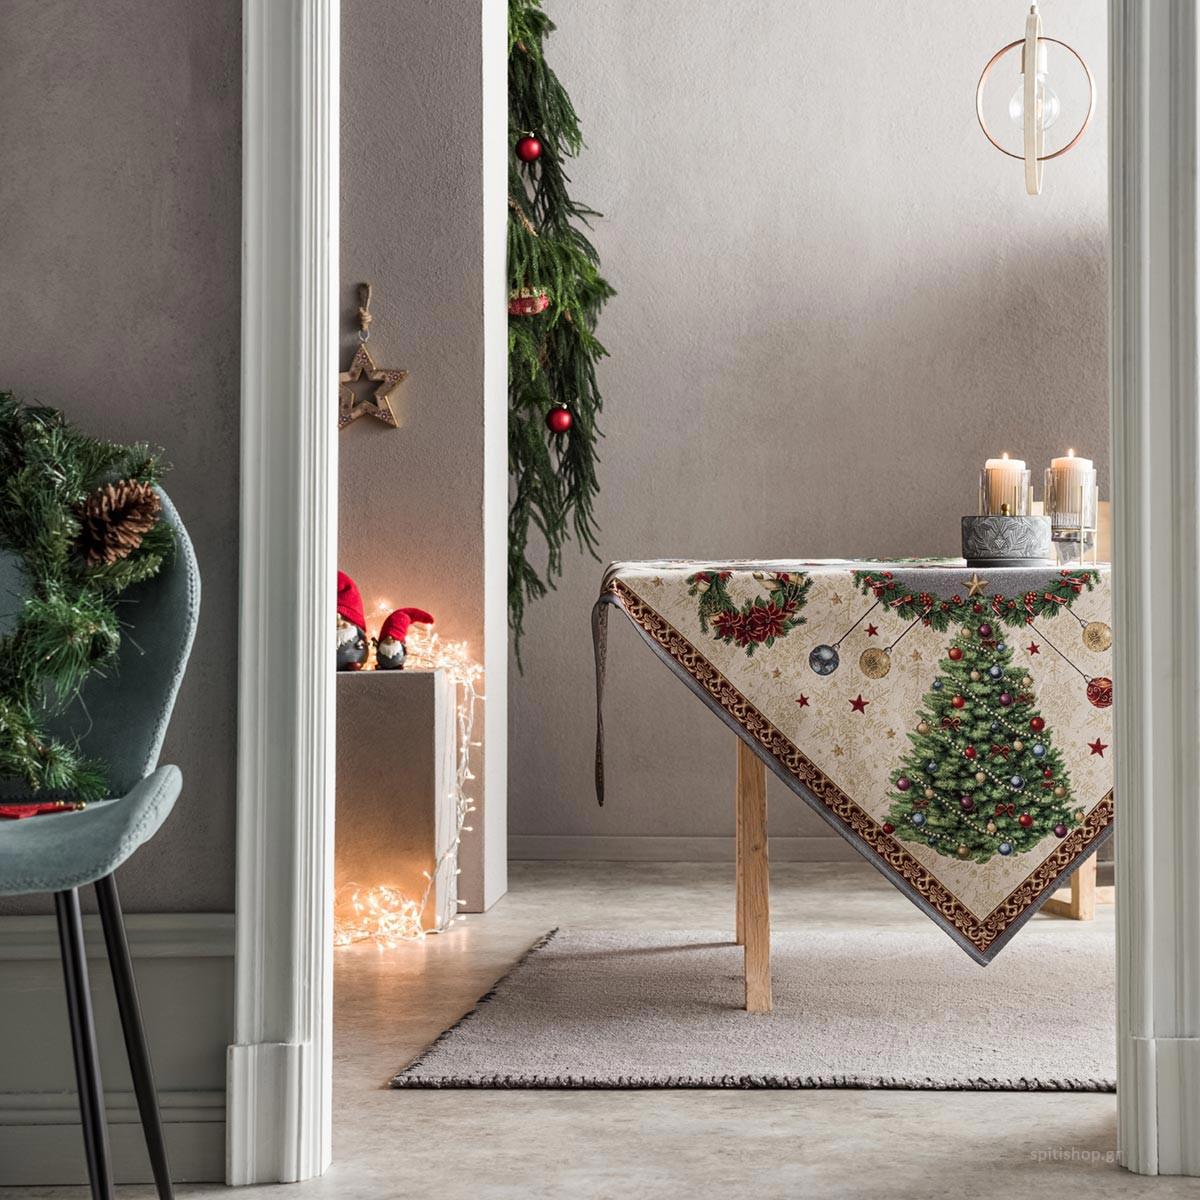 Χριστουγεννιάτικο Τραπεζομάντηλο (135×135) Gofis Home 718